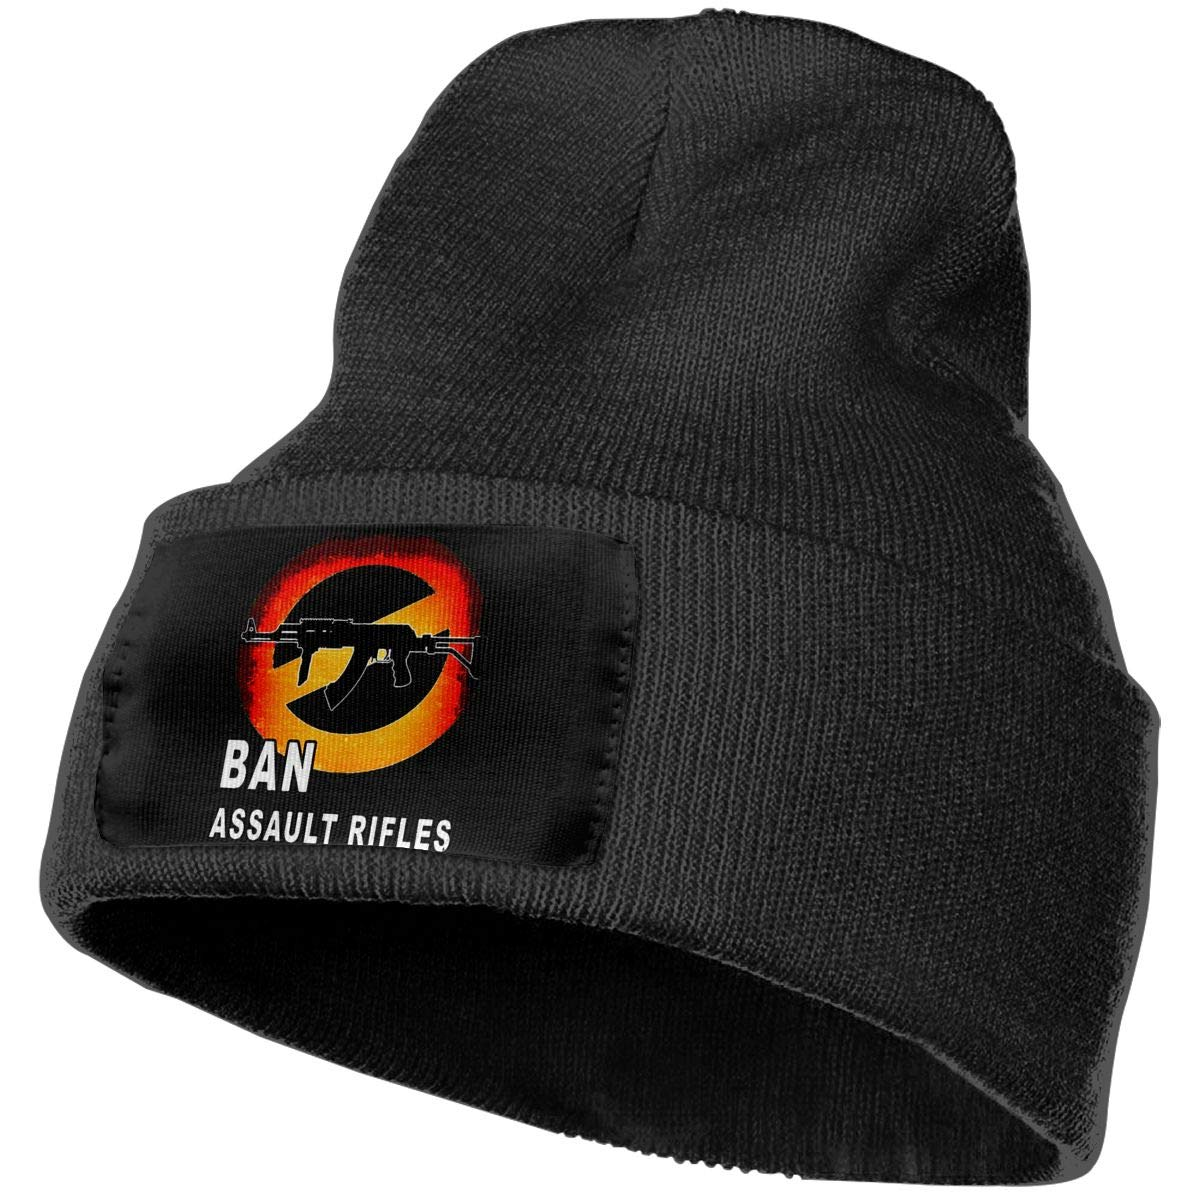 Men//Women Ban Assault Rifles Outdoor Warm Knit Beanies Hat Soft Winter Knit Caps